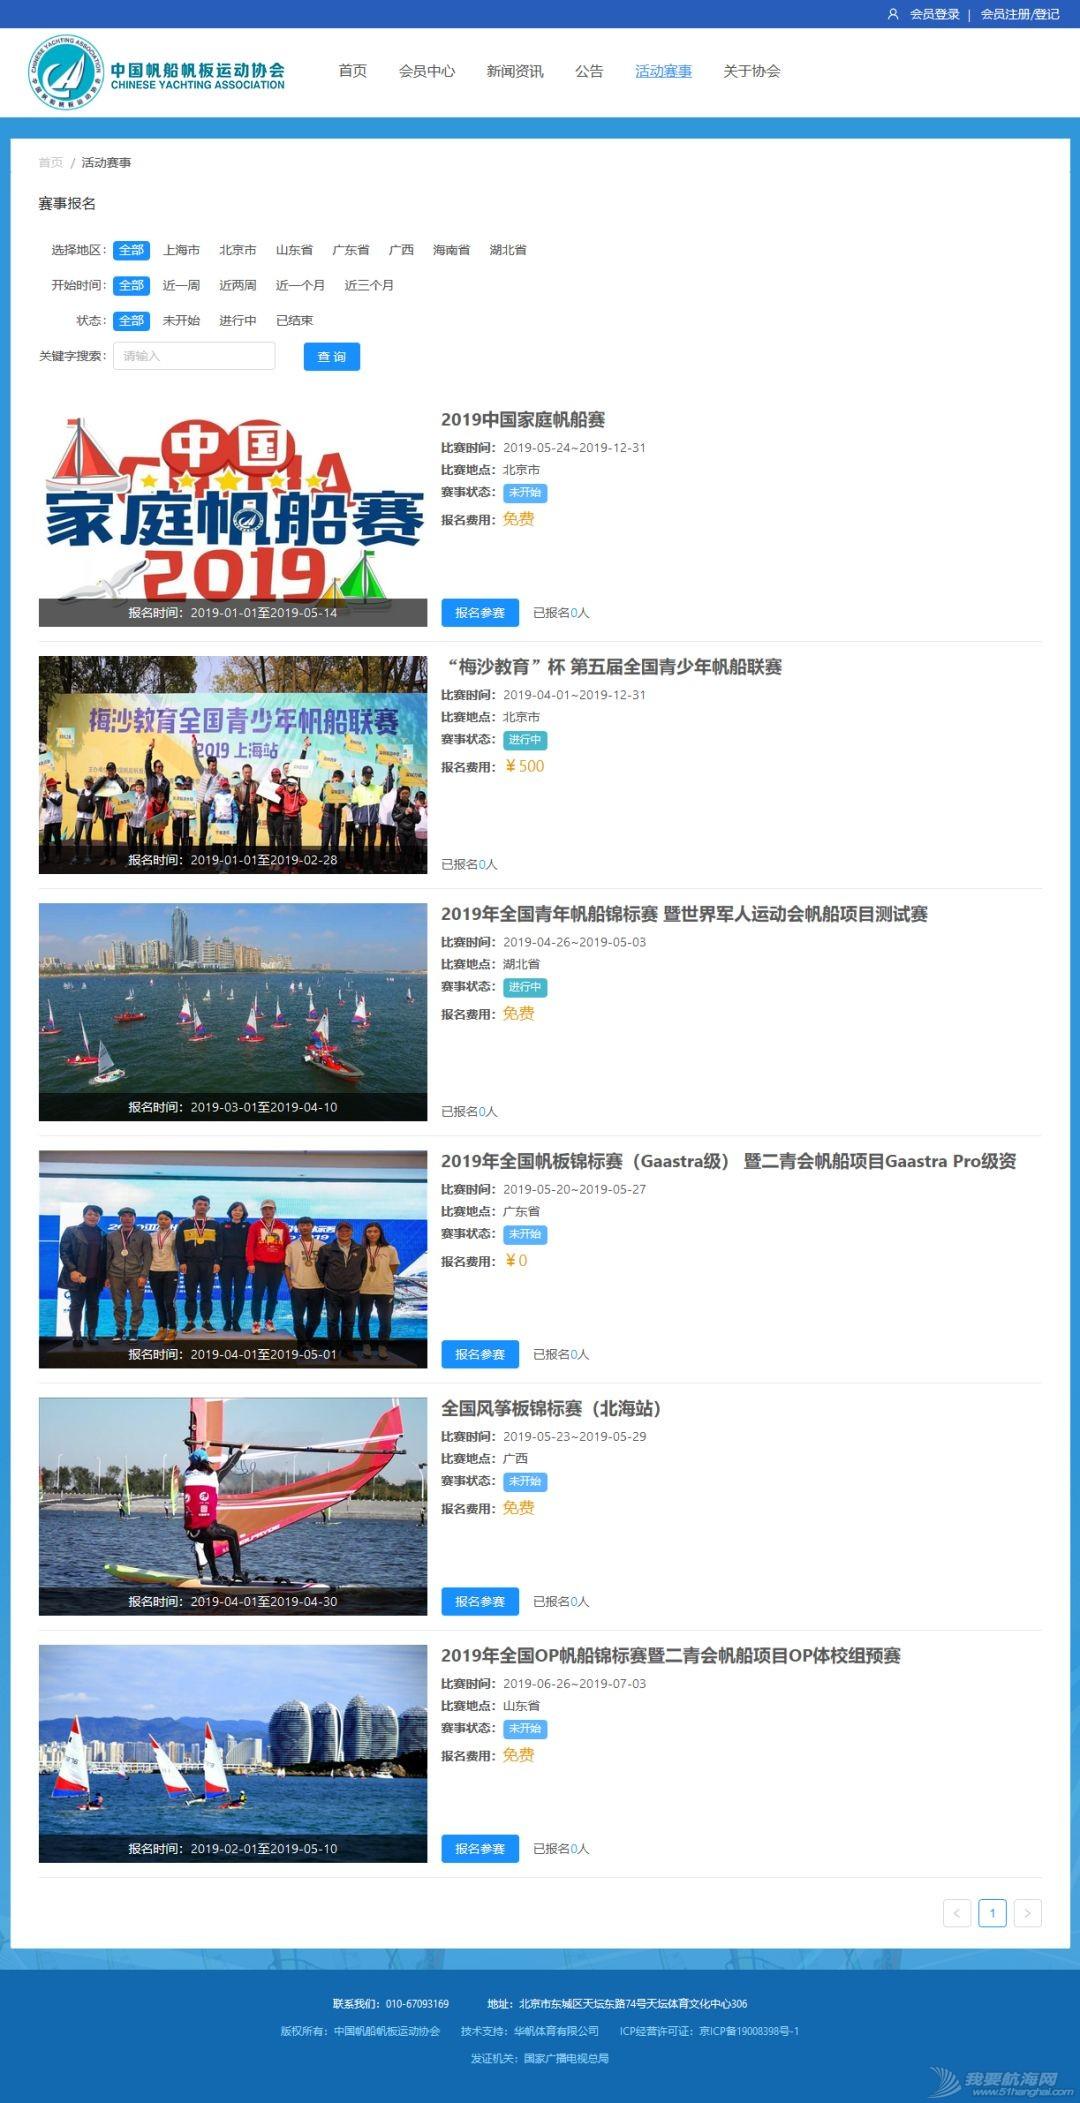 中国帆船帆板运动协会官方网站全新改版上线w8.jpg